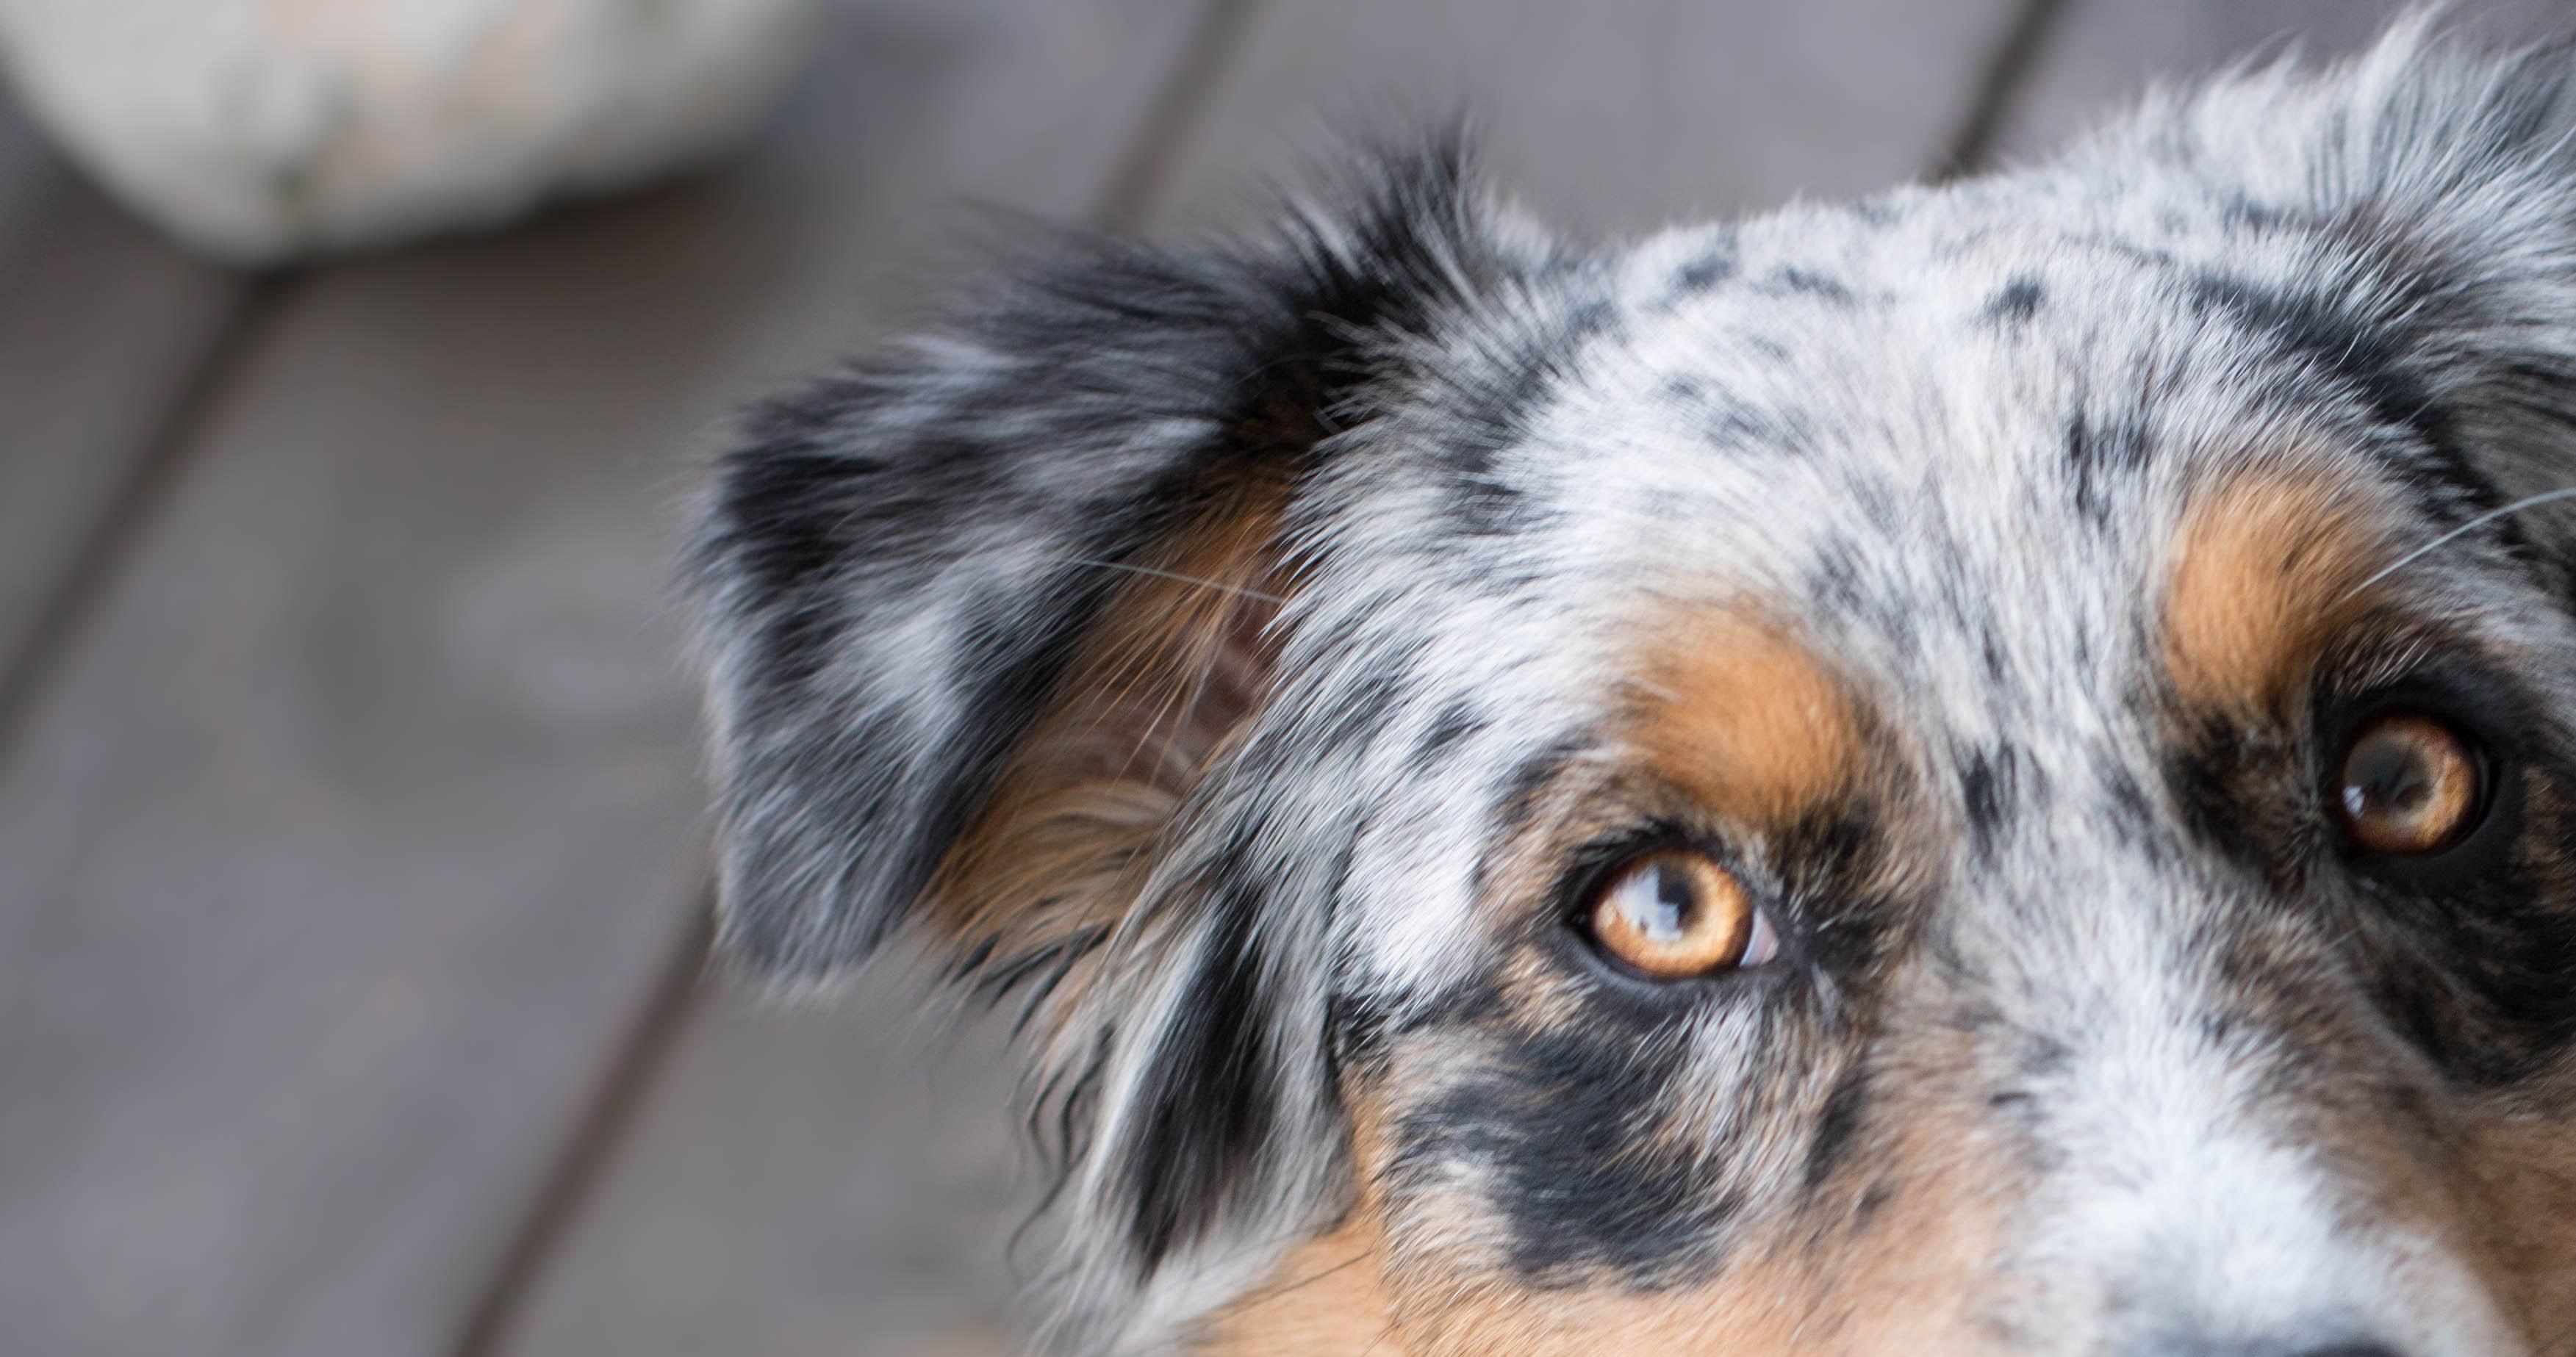 DogSoulmate_Wie_sehen_Hunde_Hundeblog